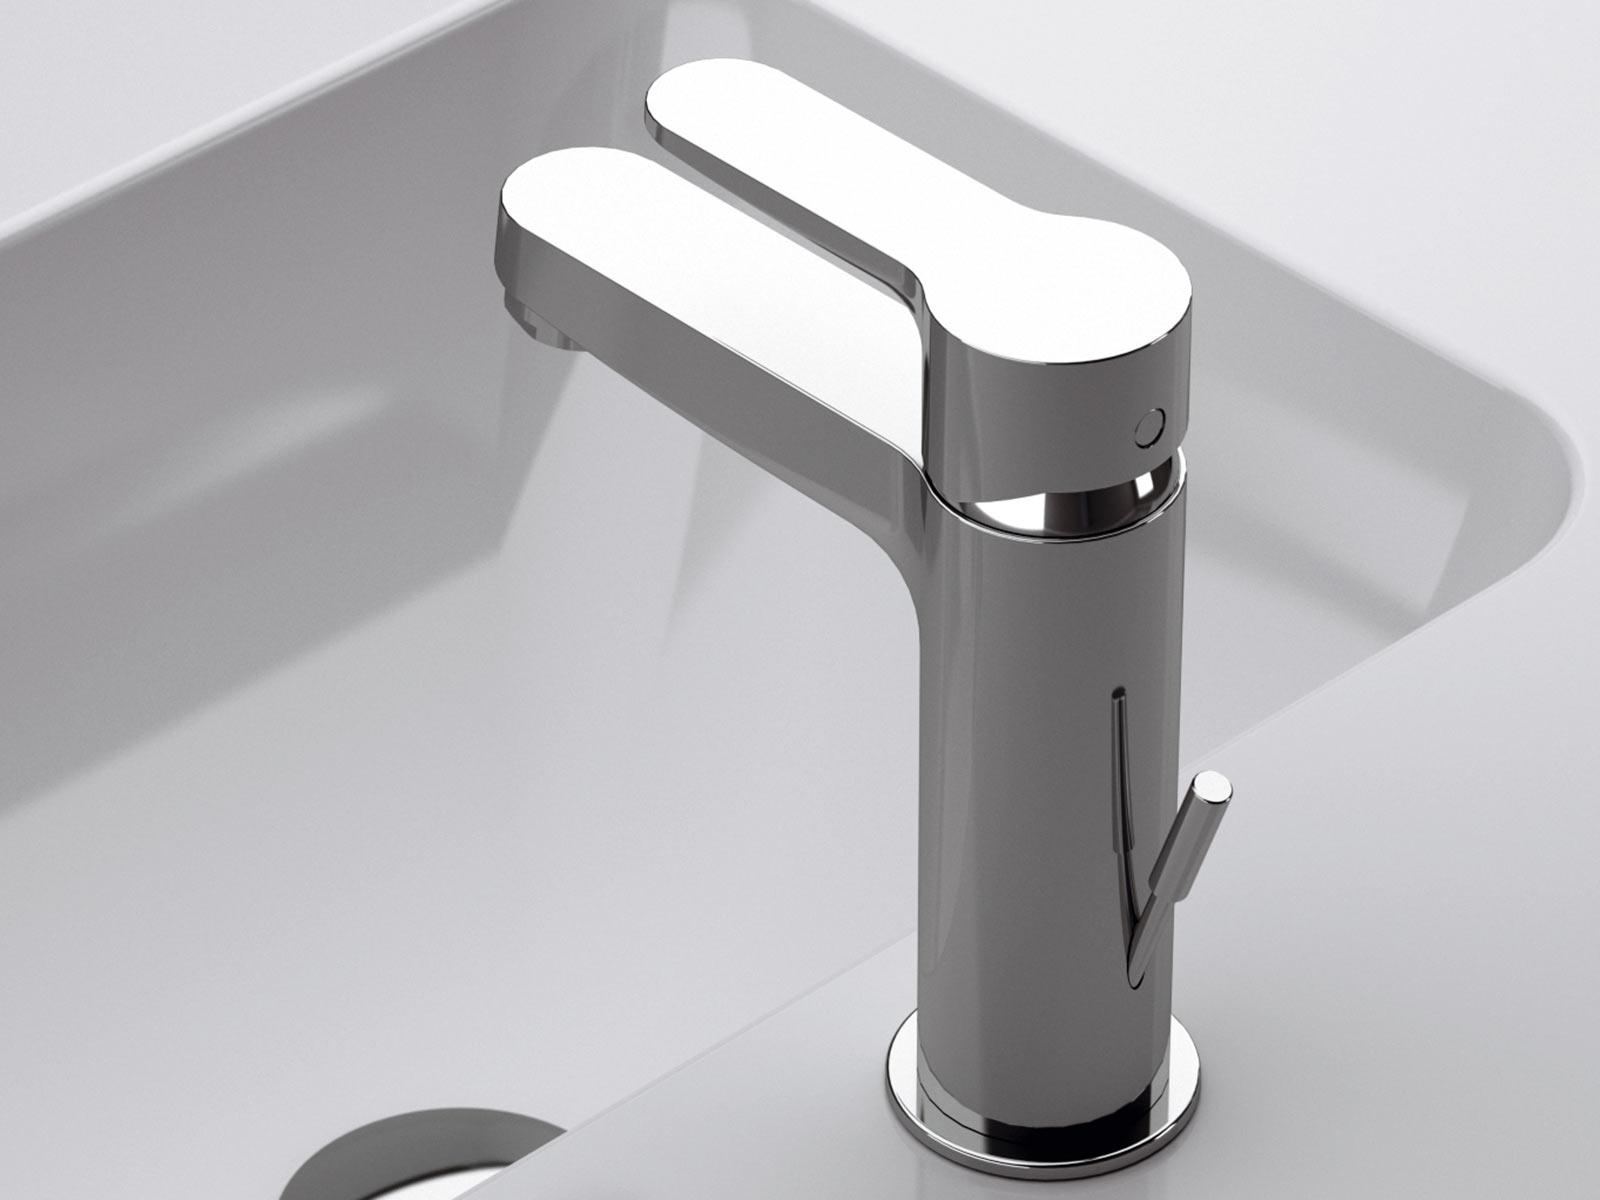 Monomando lavabo Ainsa, cromo.